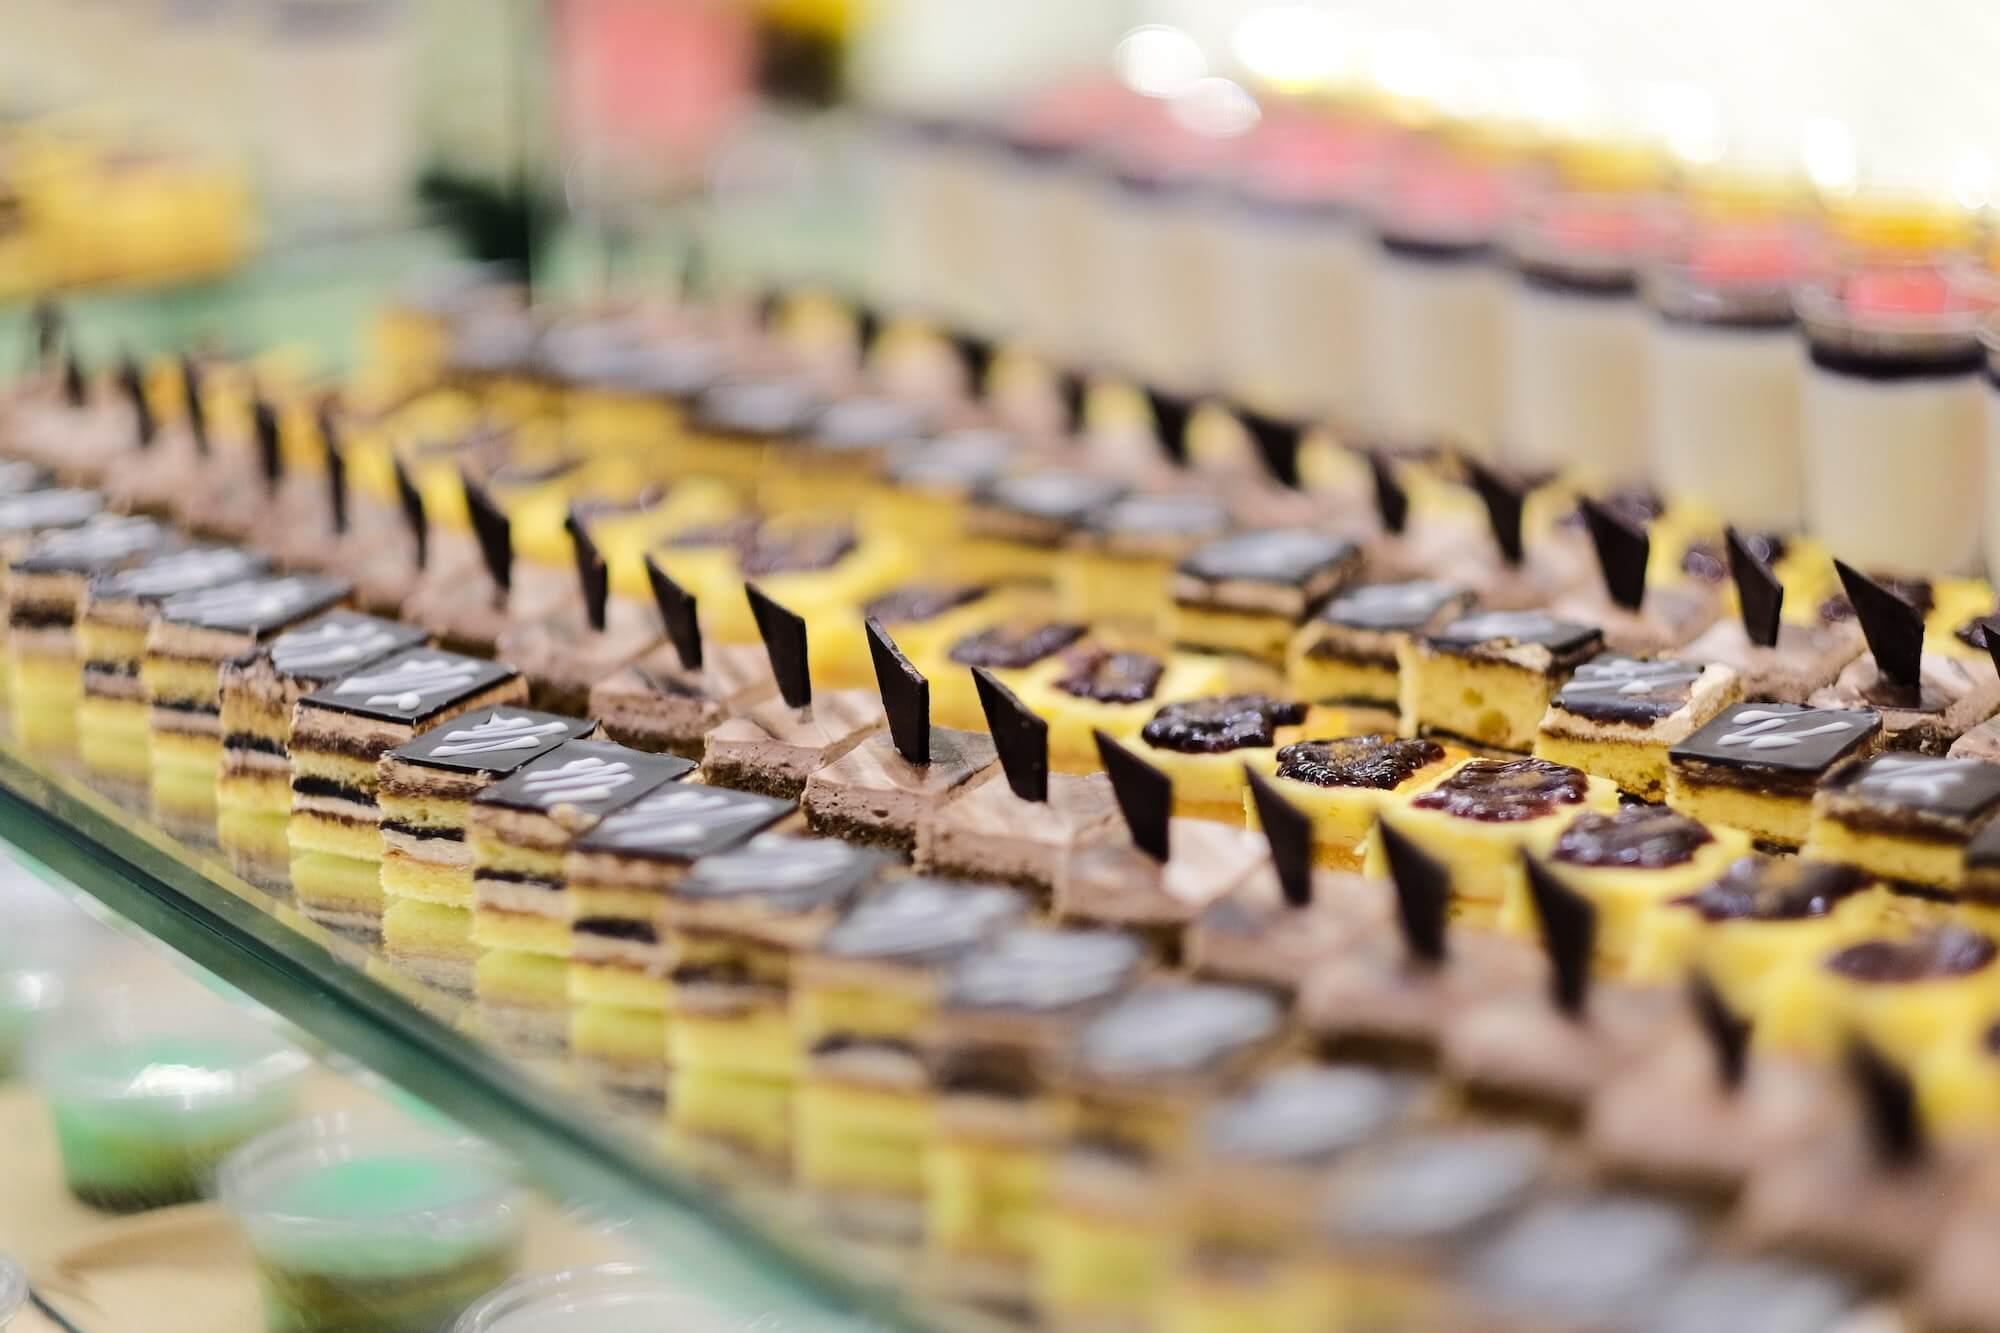 Pâtisseries fabriquées en masse